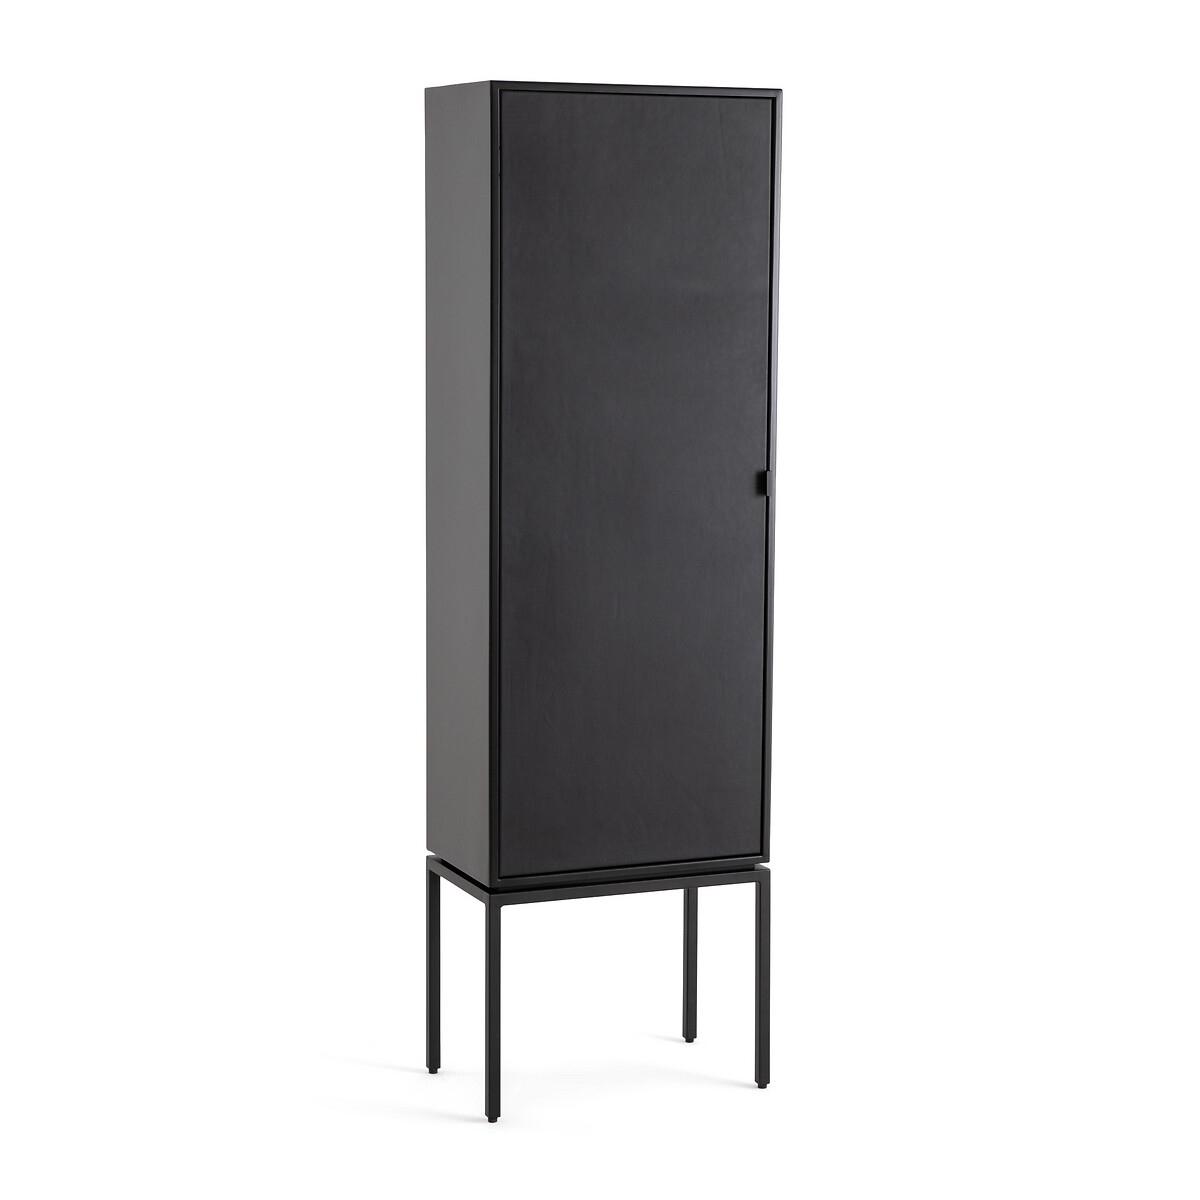 Шкаф LaRedoute Из металла и кожи с 1 дверкой Ralto единый размер черный